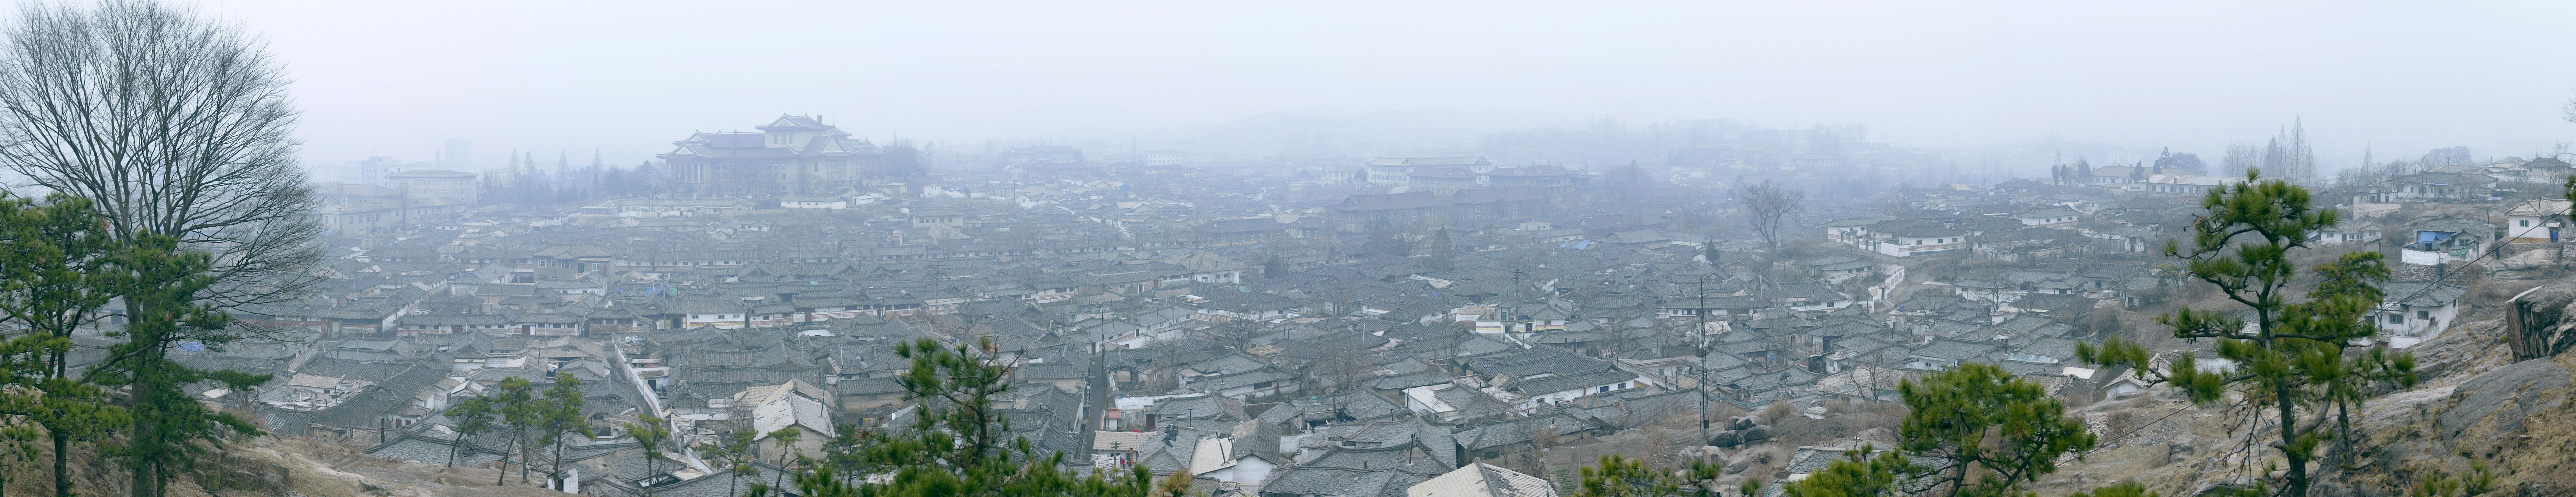 Kaesong Vista